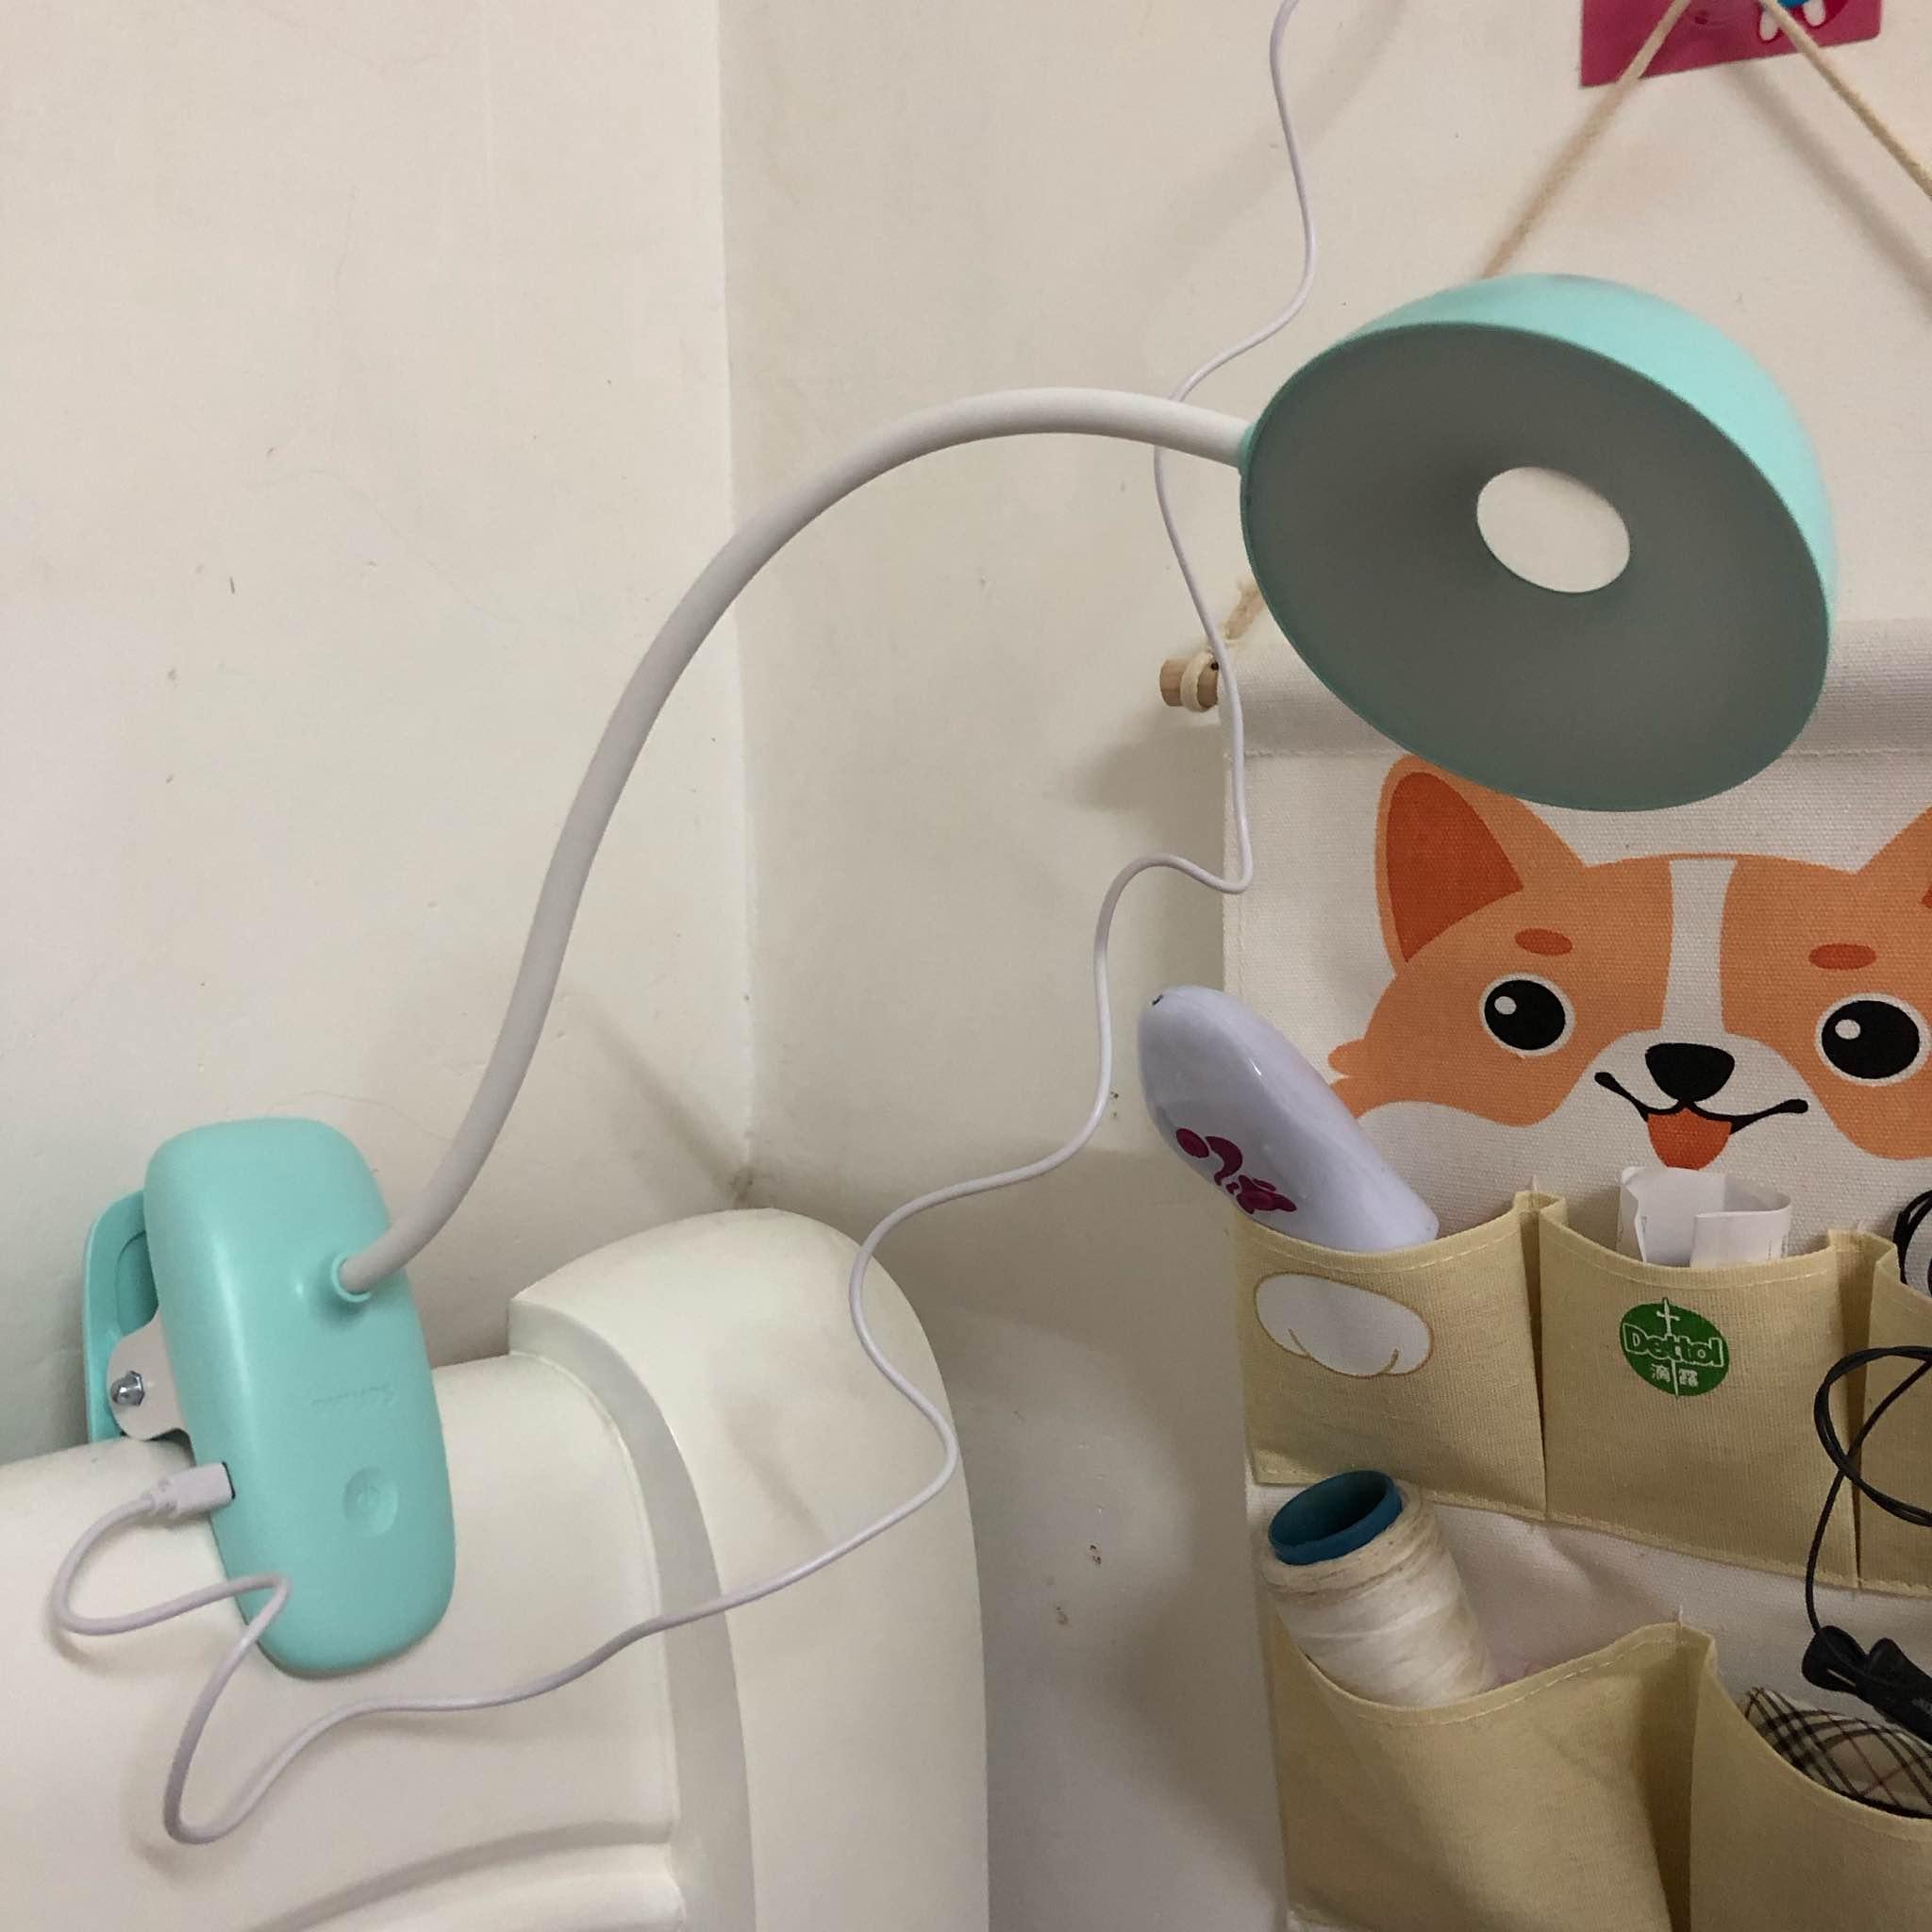 飞利浦照明LED夹式充电台灯怎么样好用吗?使用体验